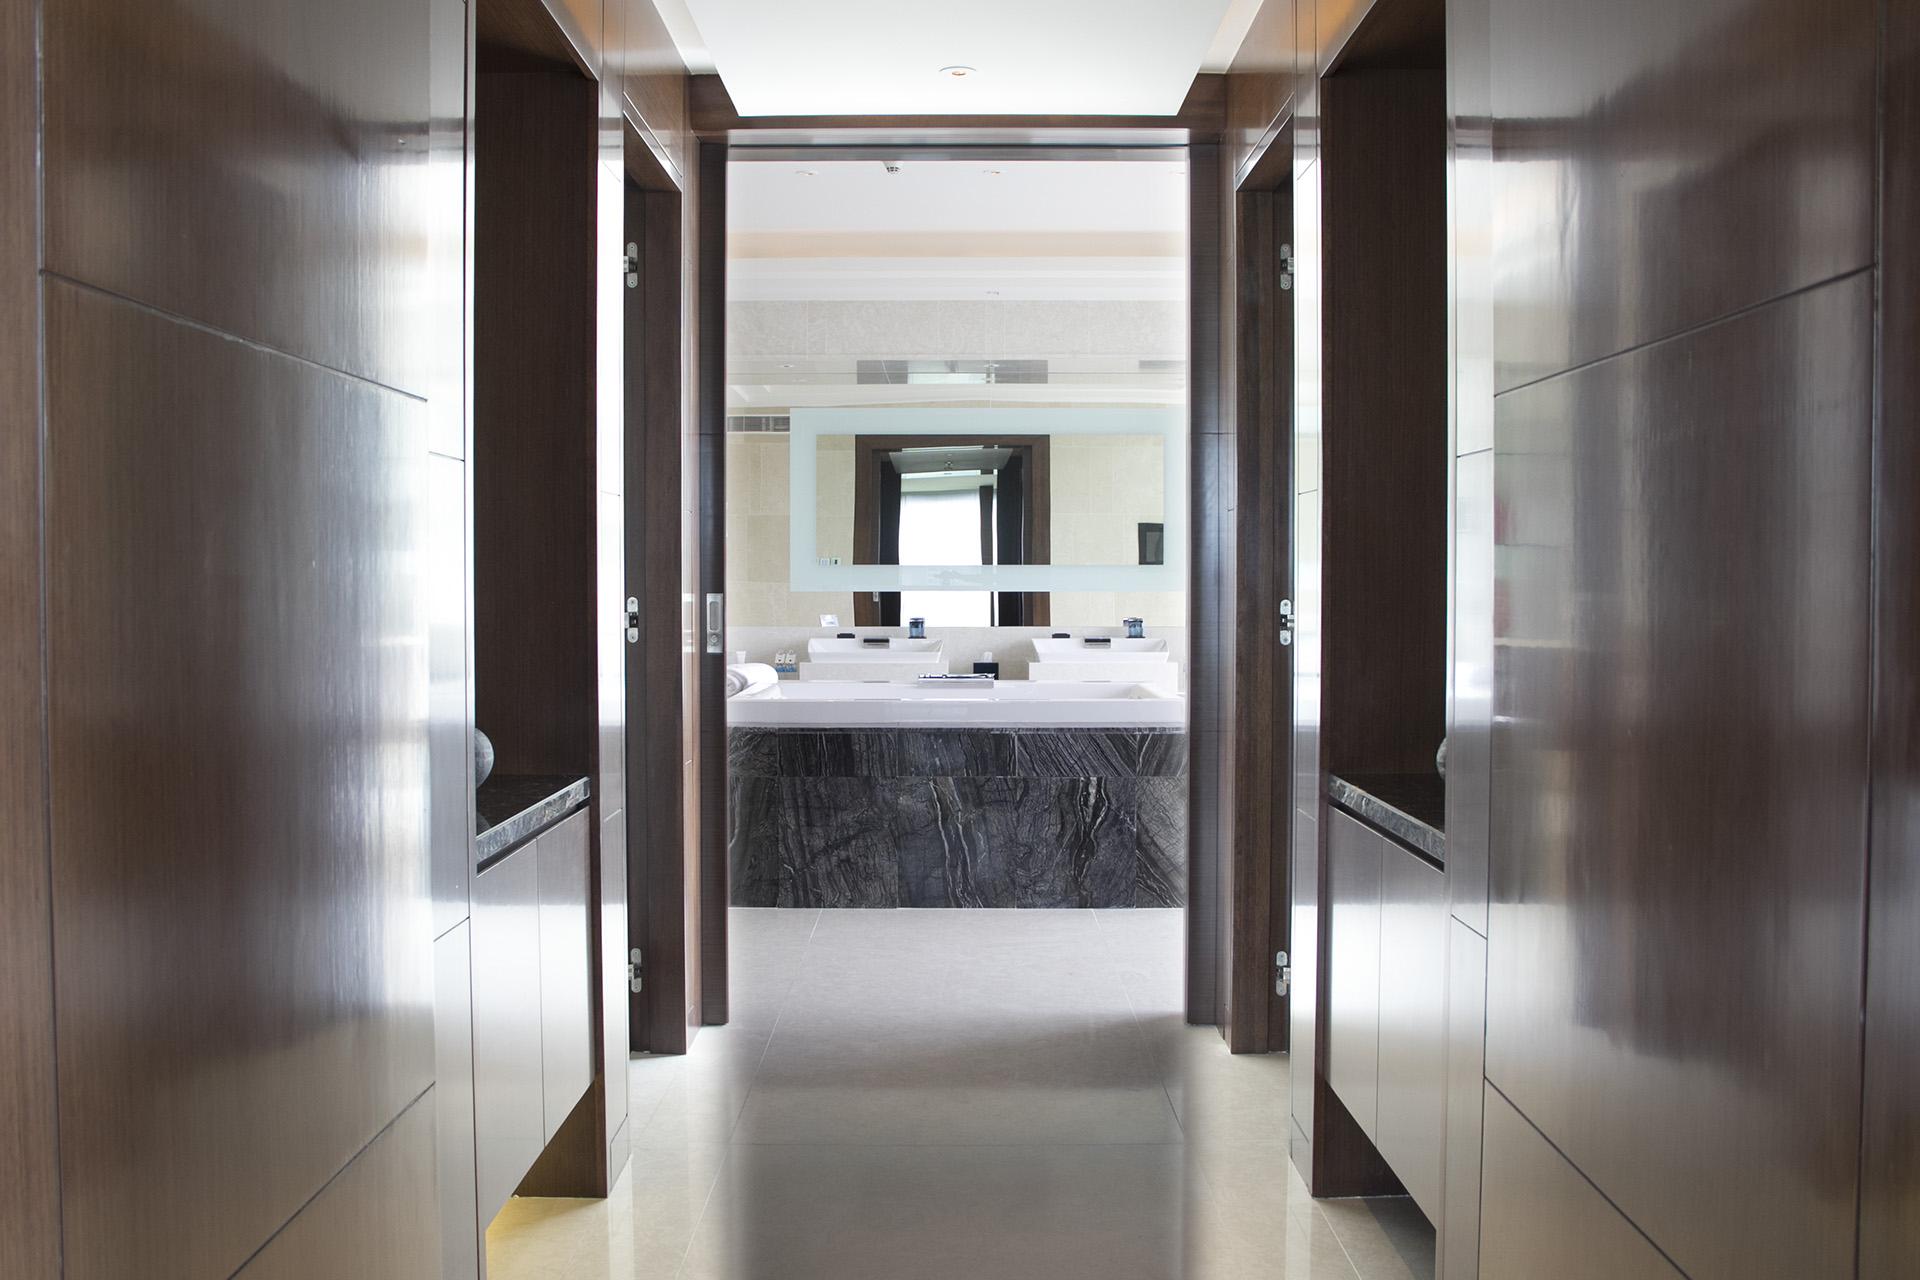 Phòng tắm thiết kế với một bể sục lớn, hai buồng tắm đứng và bàn trang điểm lớn ở cửa sổ.